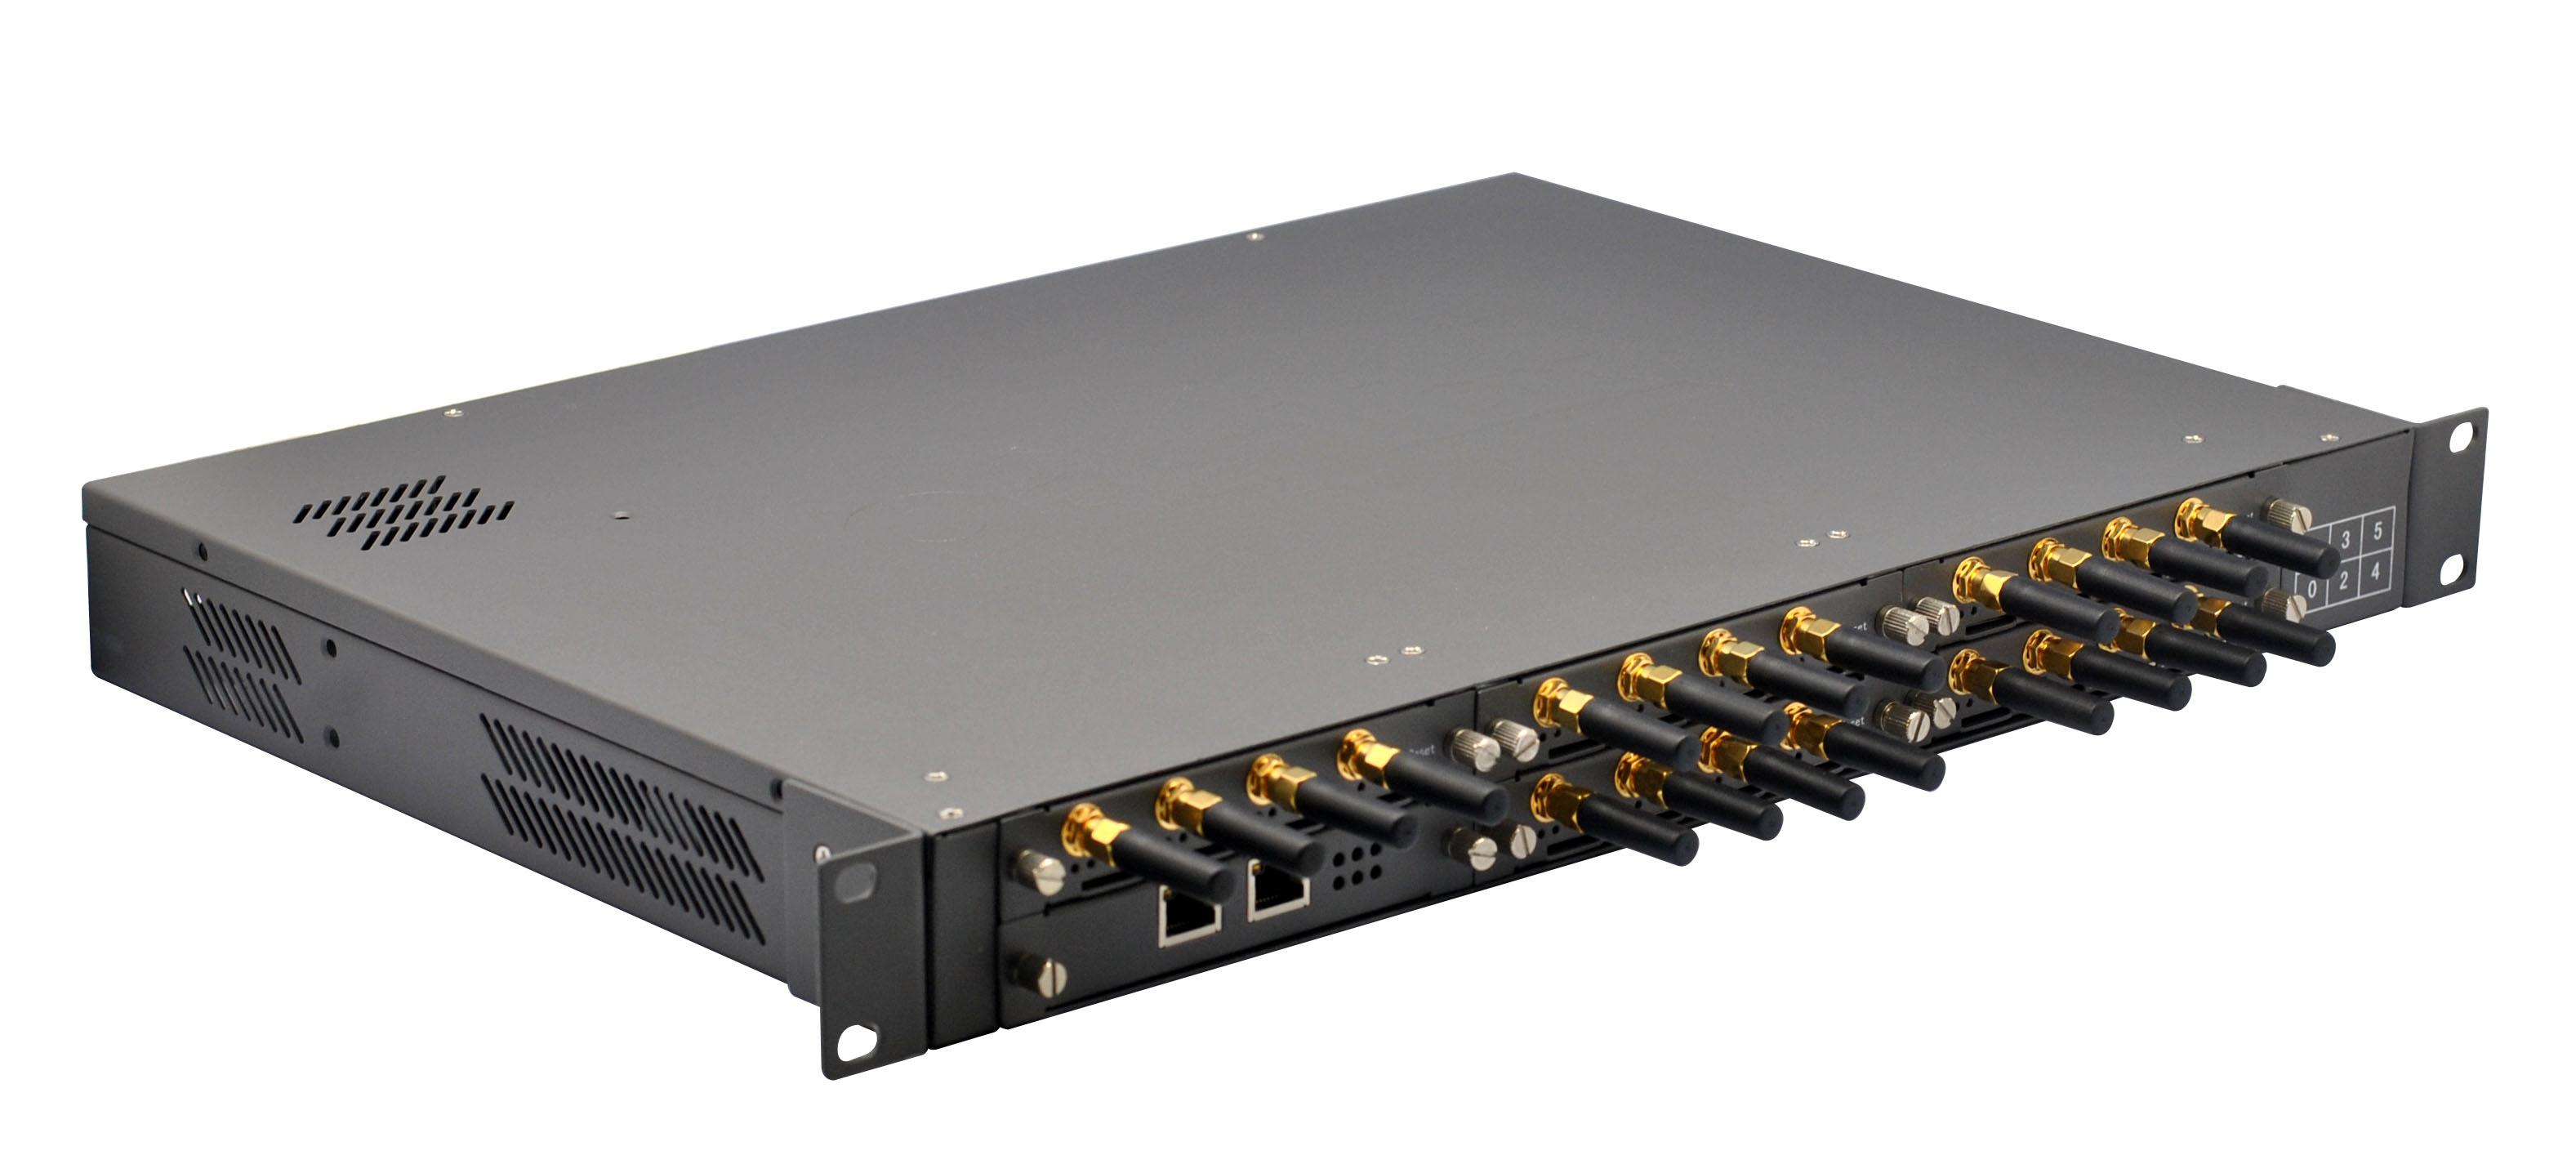 VS-GW1600-01 new